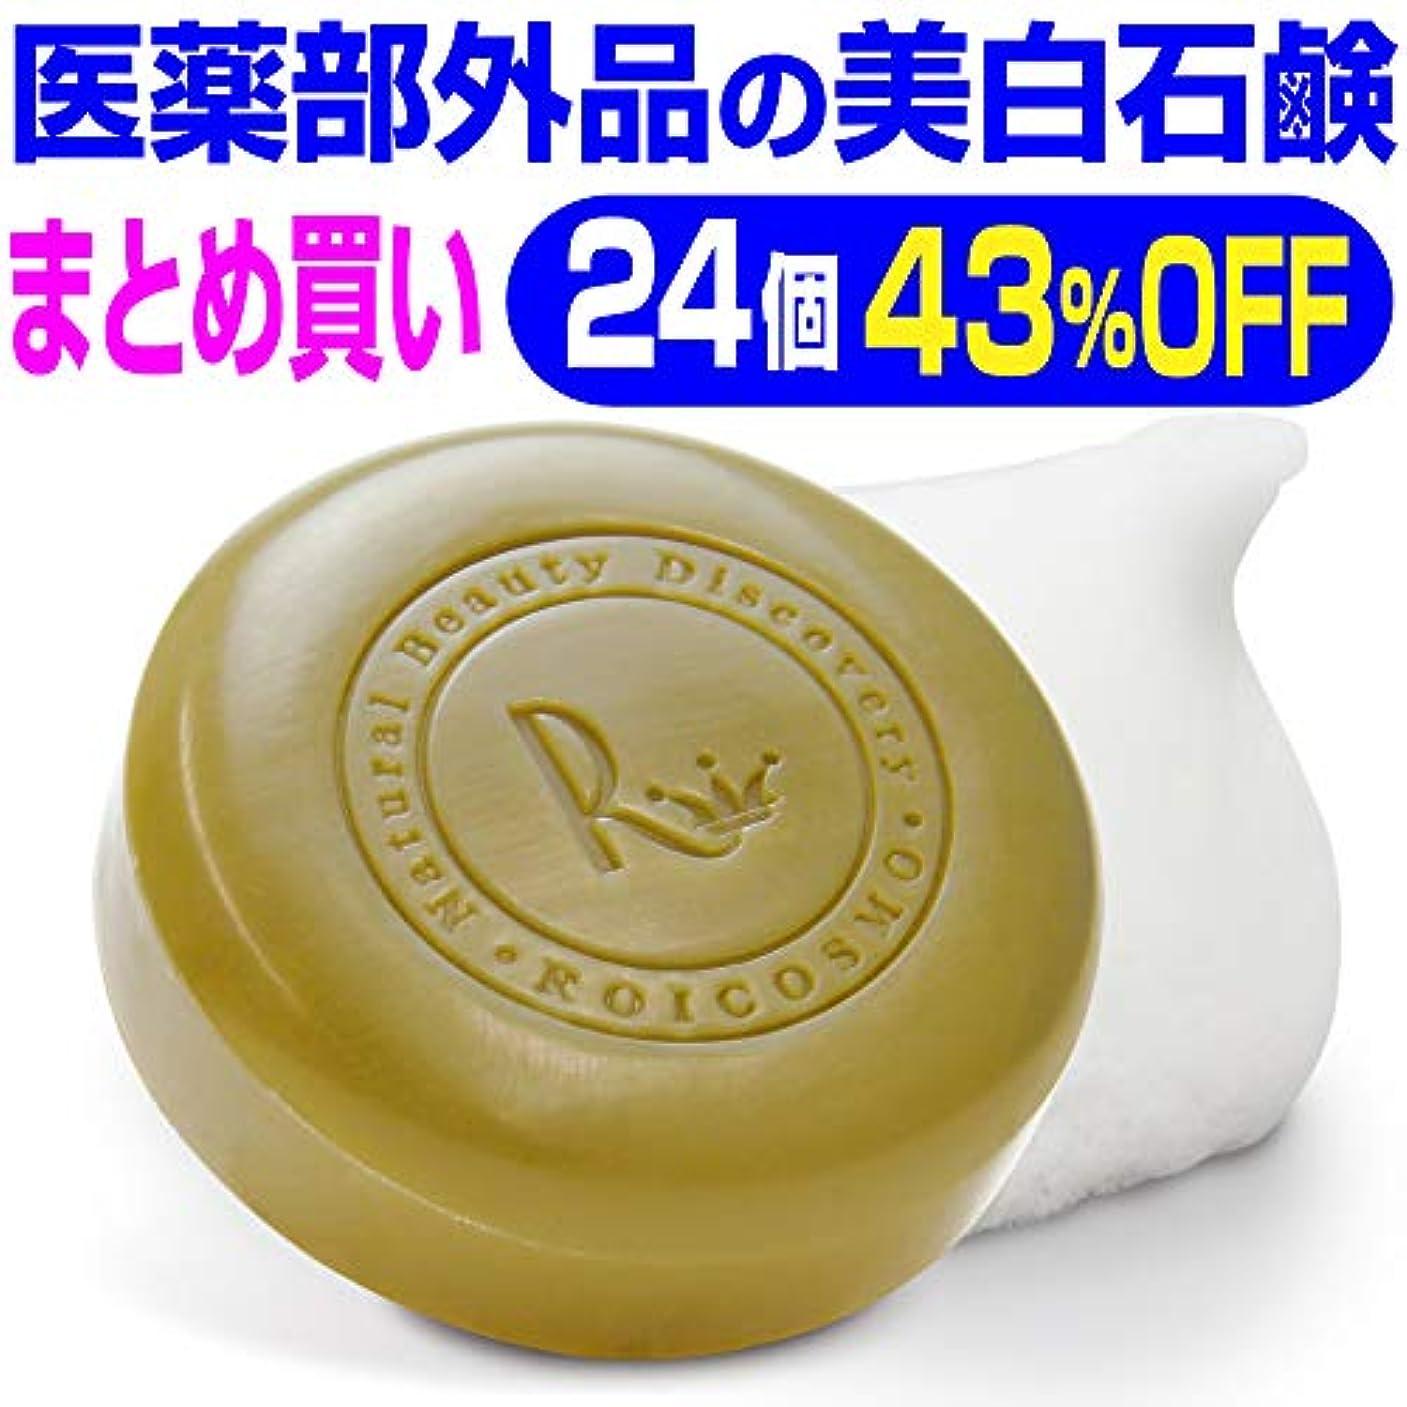 治世小包政策24個まとめ買い43%OFF 美白石鹸/ビタミンC270倍の美白成分配合の 洗顔石鹸『ホワイトソープ100g×24個』